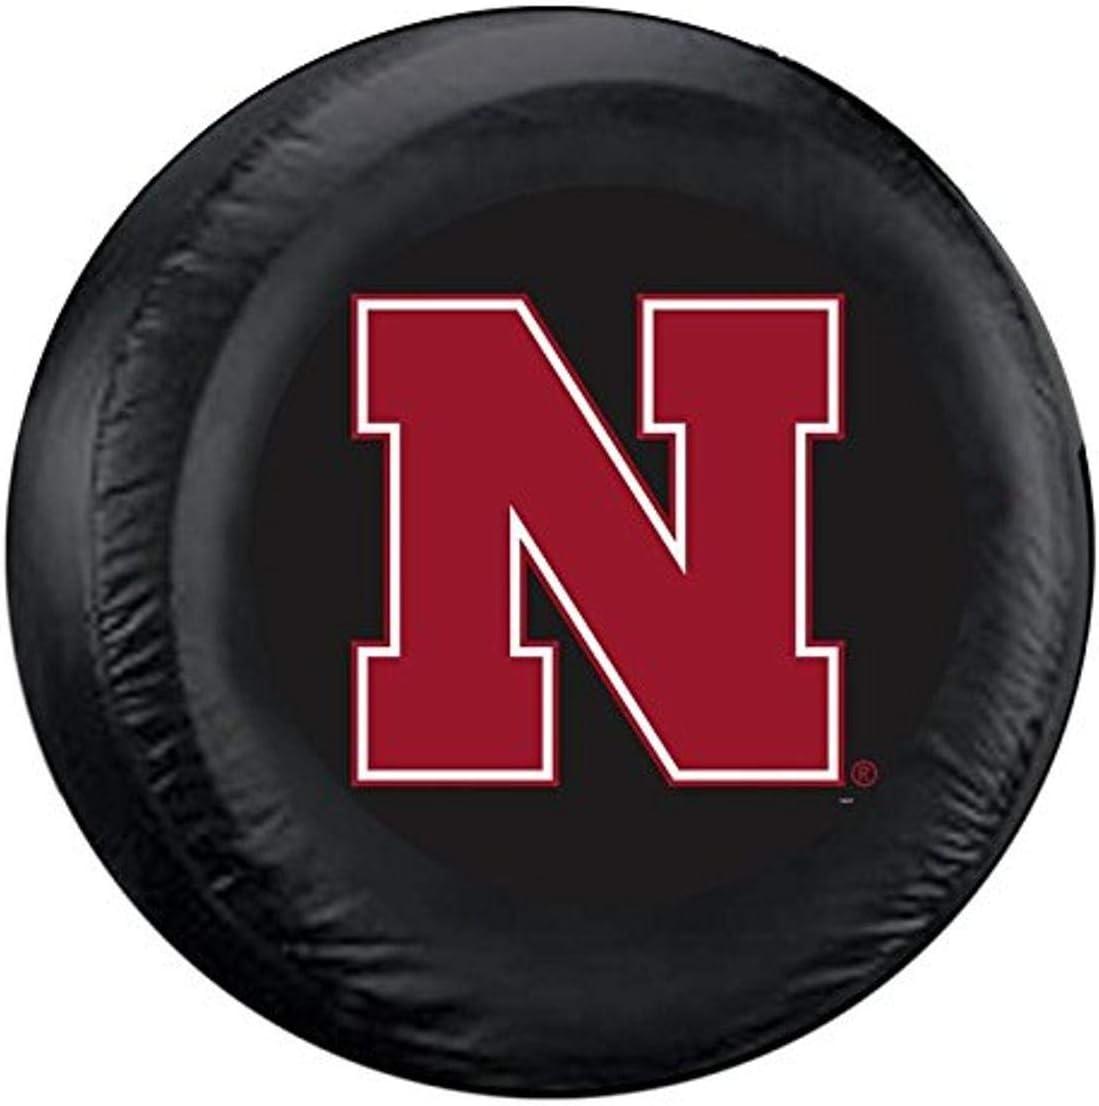 NCAA Nebraska Dallas Mall Cornhuskers No Tire Standa Cover Covertire Save money Black